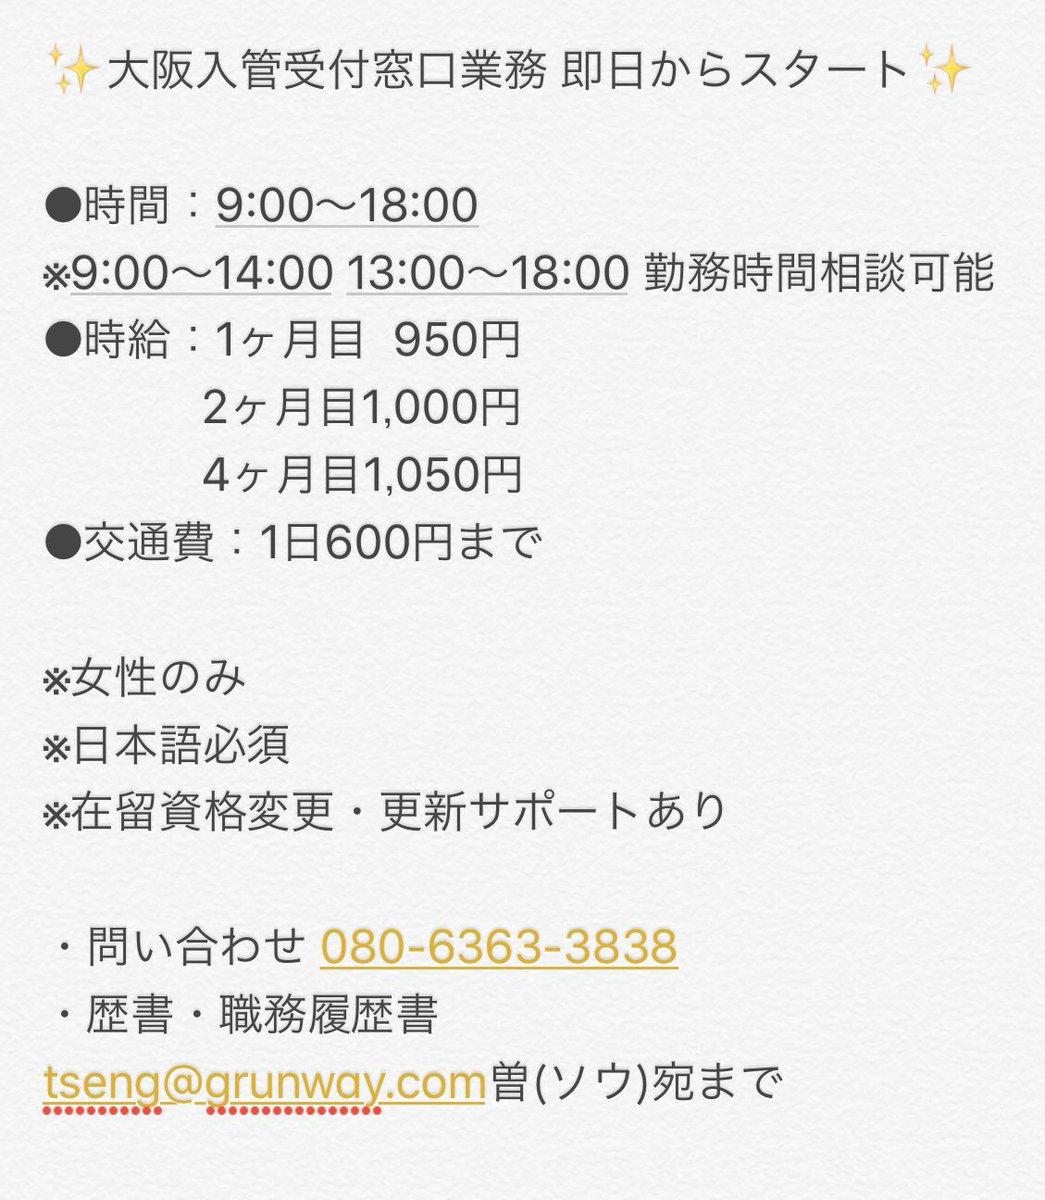 バイト 名古屋 短期 名古屋駅の短期バイトなら【フロムエー】|短期アルバイトの仕事・求人情報満載!